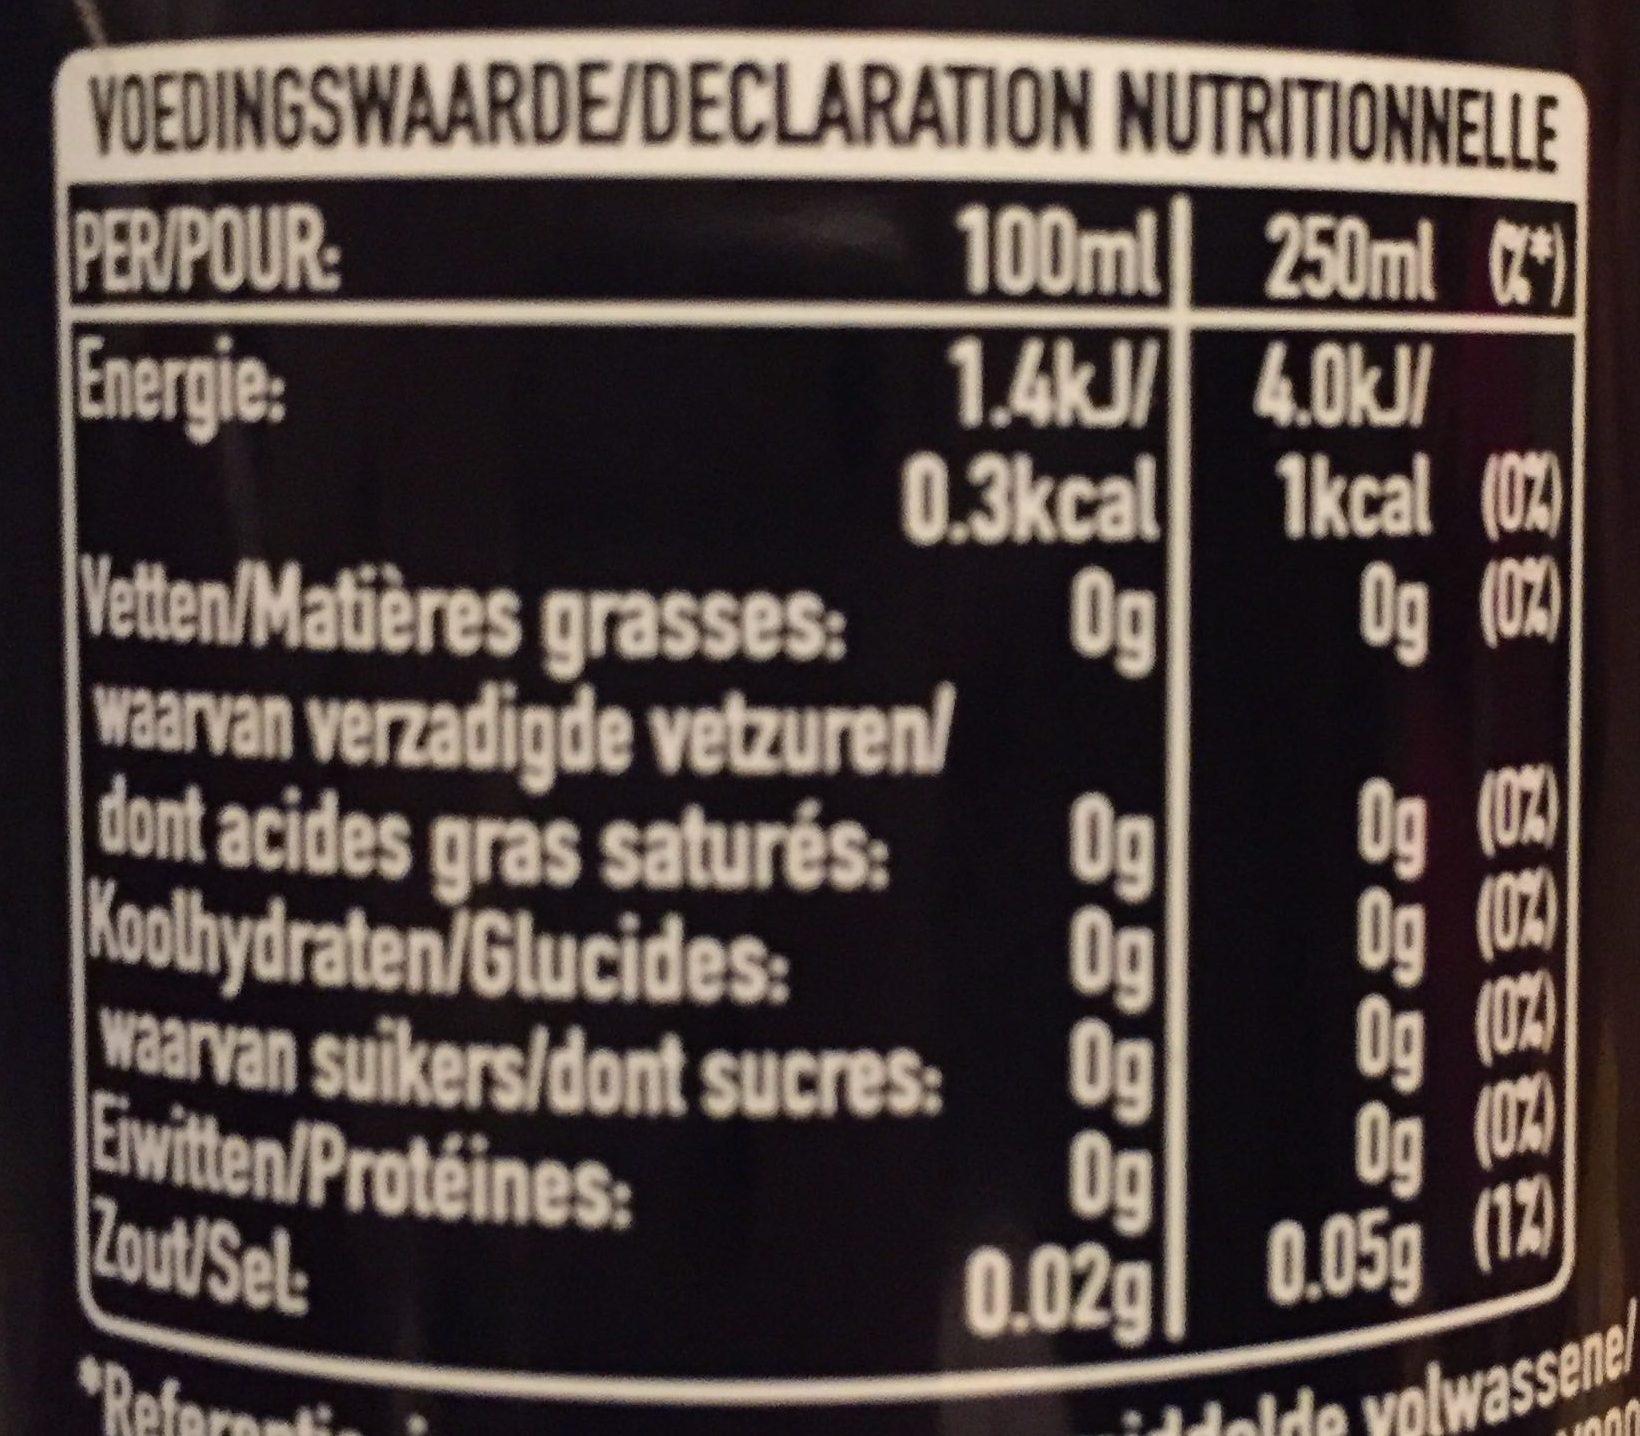 Coca-Cola zéro - Voedingswaarden - fr